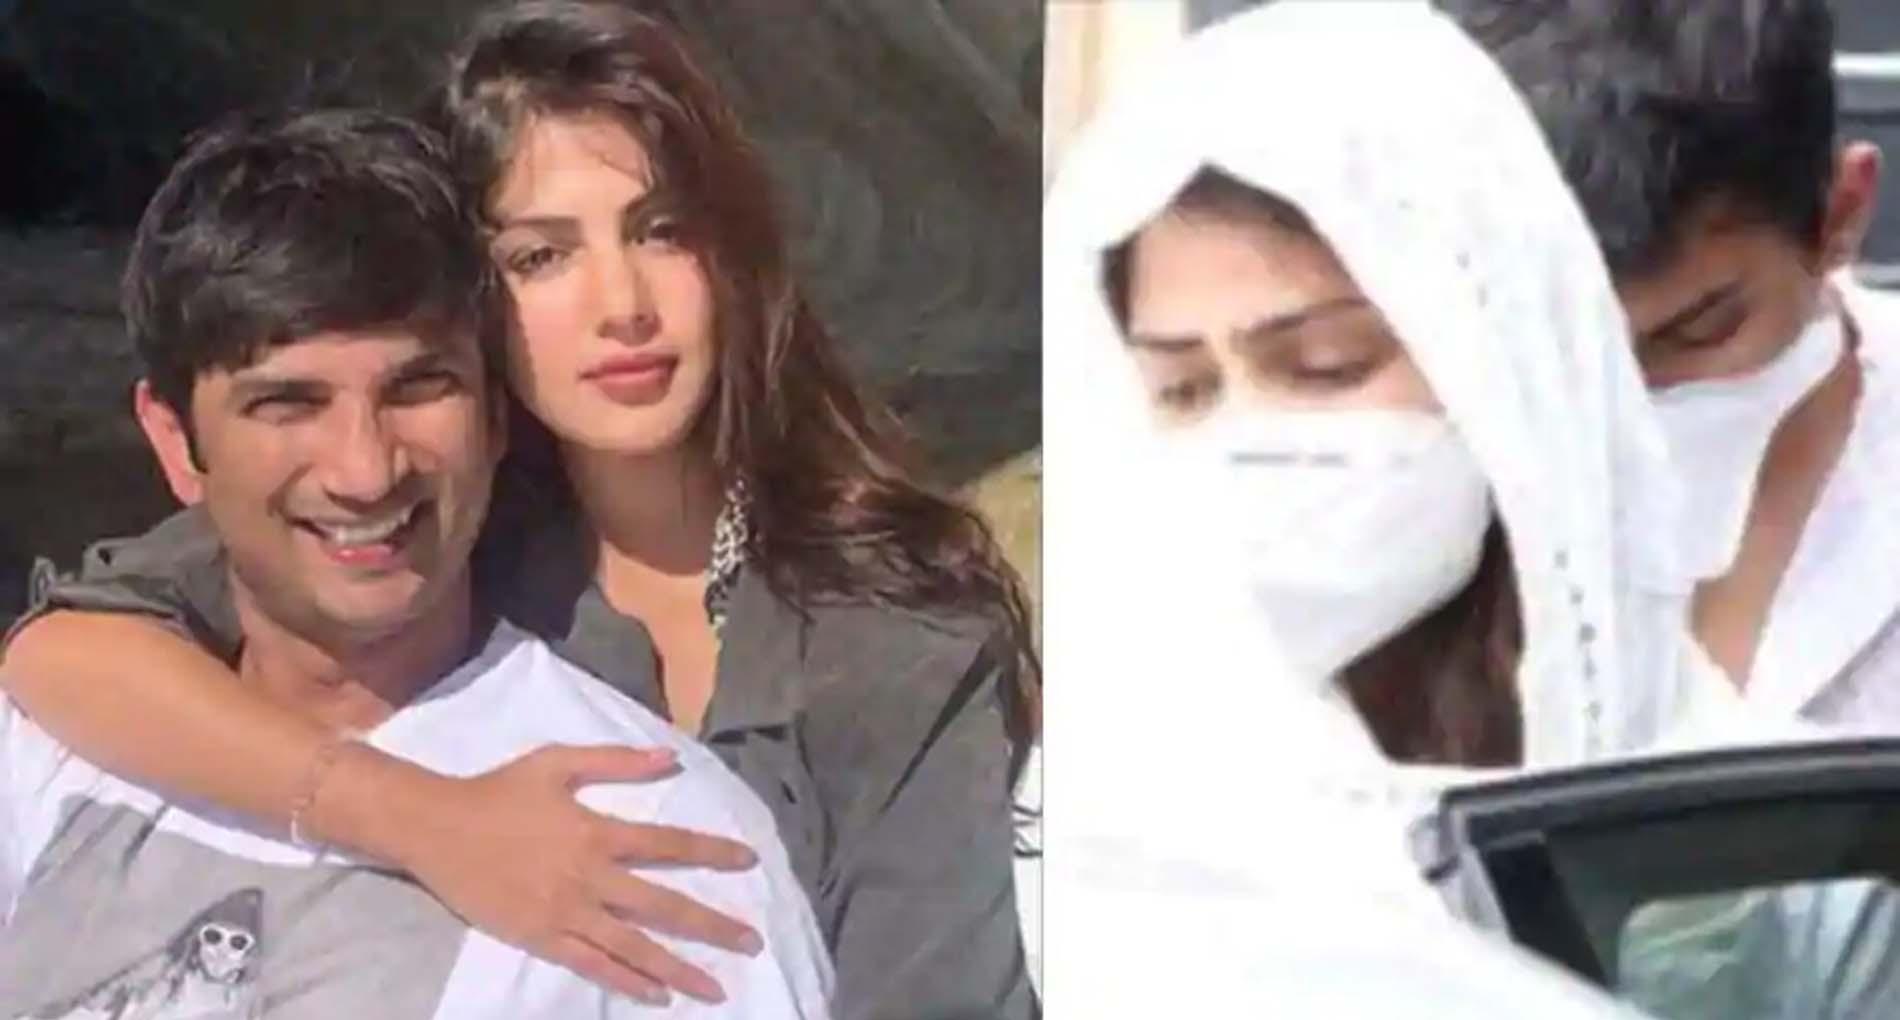 सुशांत सिंह राजपूत केस में ईडी की जांच जारी, रिया चक्रवर्ती के CA से आज होगी पूछताछ